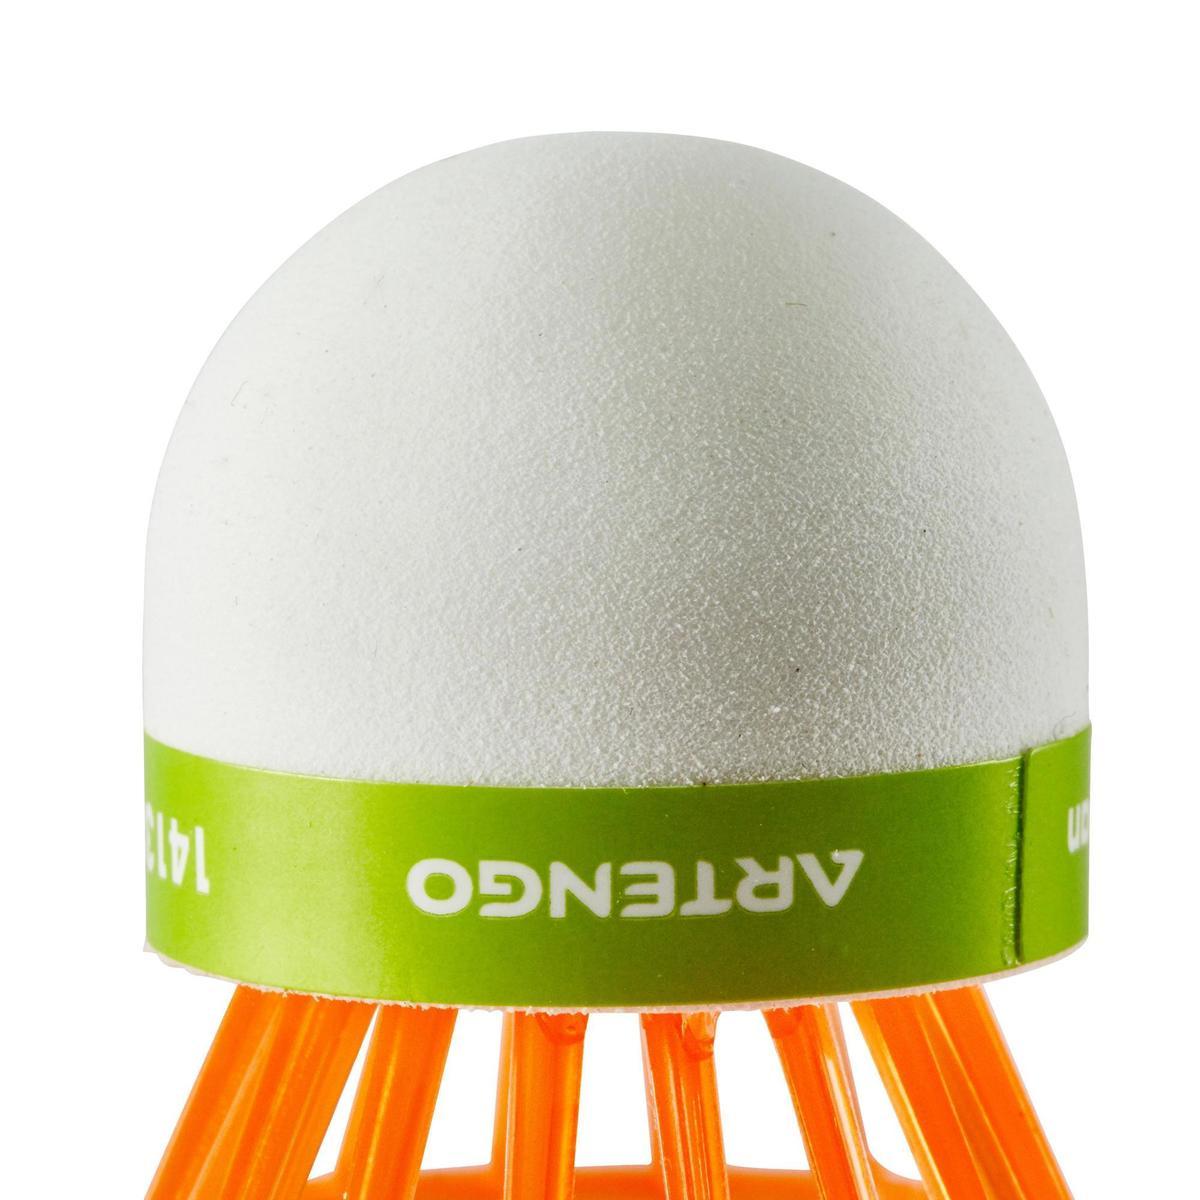 Bild 3 von Badmintonball Federball BSC700 Kunststoff 1 Stk. orange